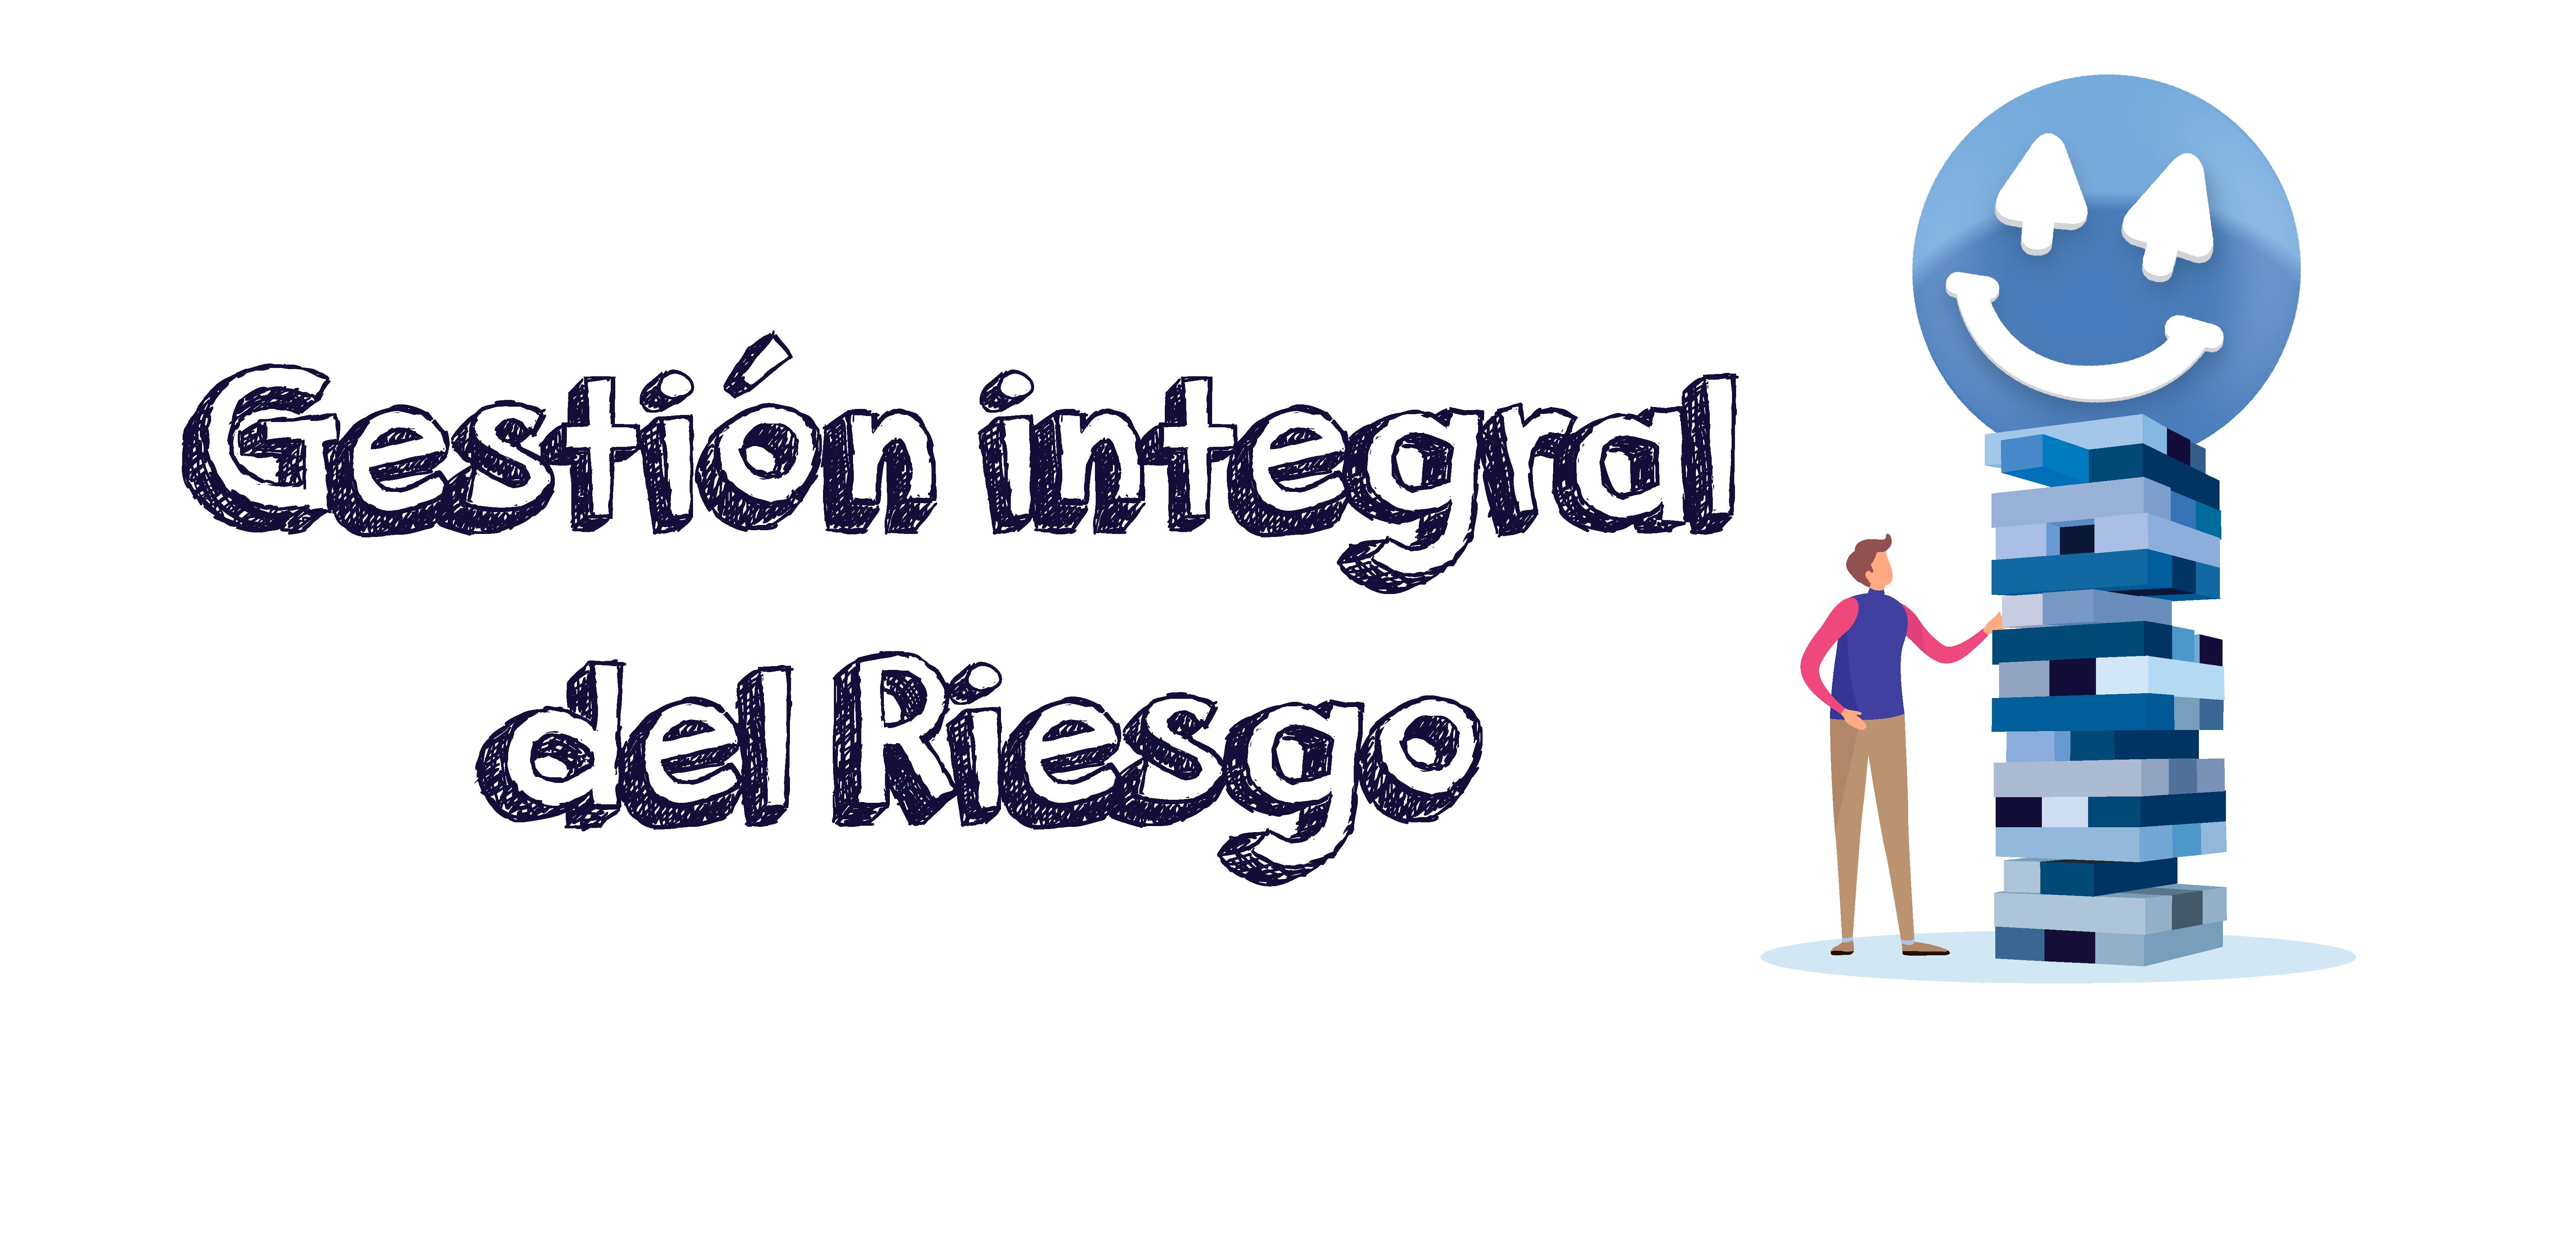 Gestión Integral de Riesgos